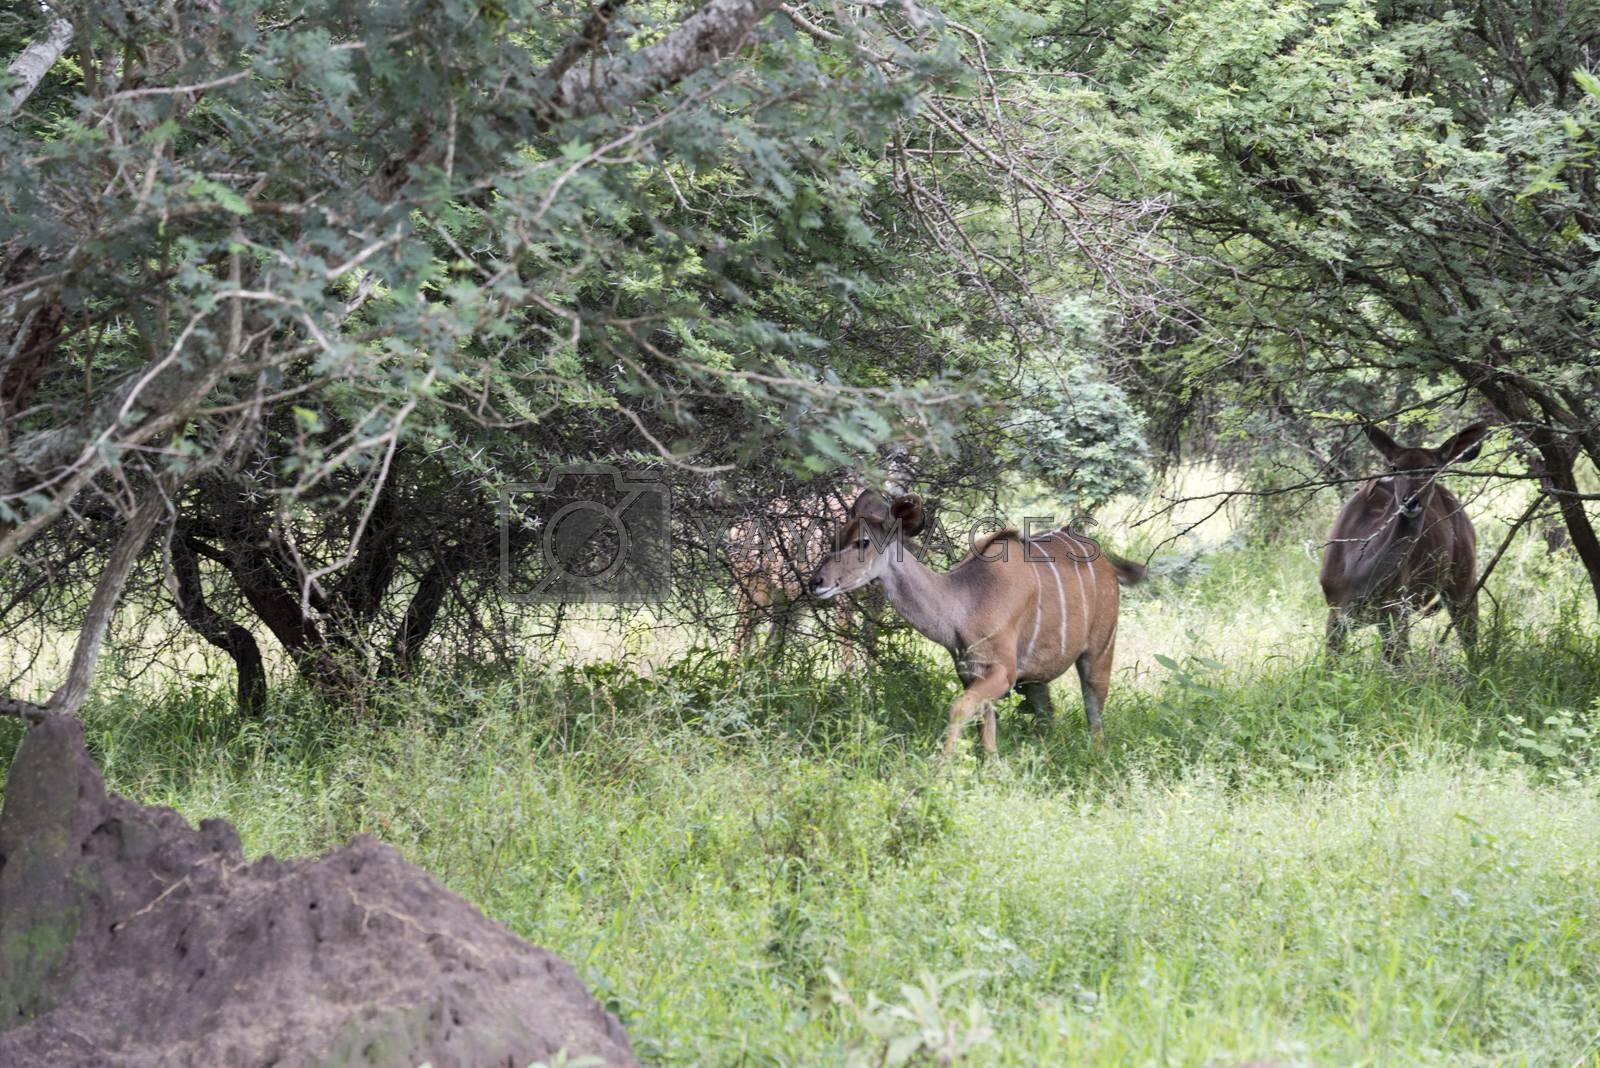 africa nyala on safari by compuinfoto